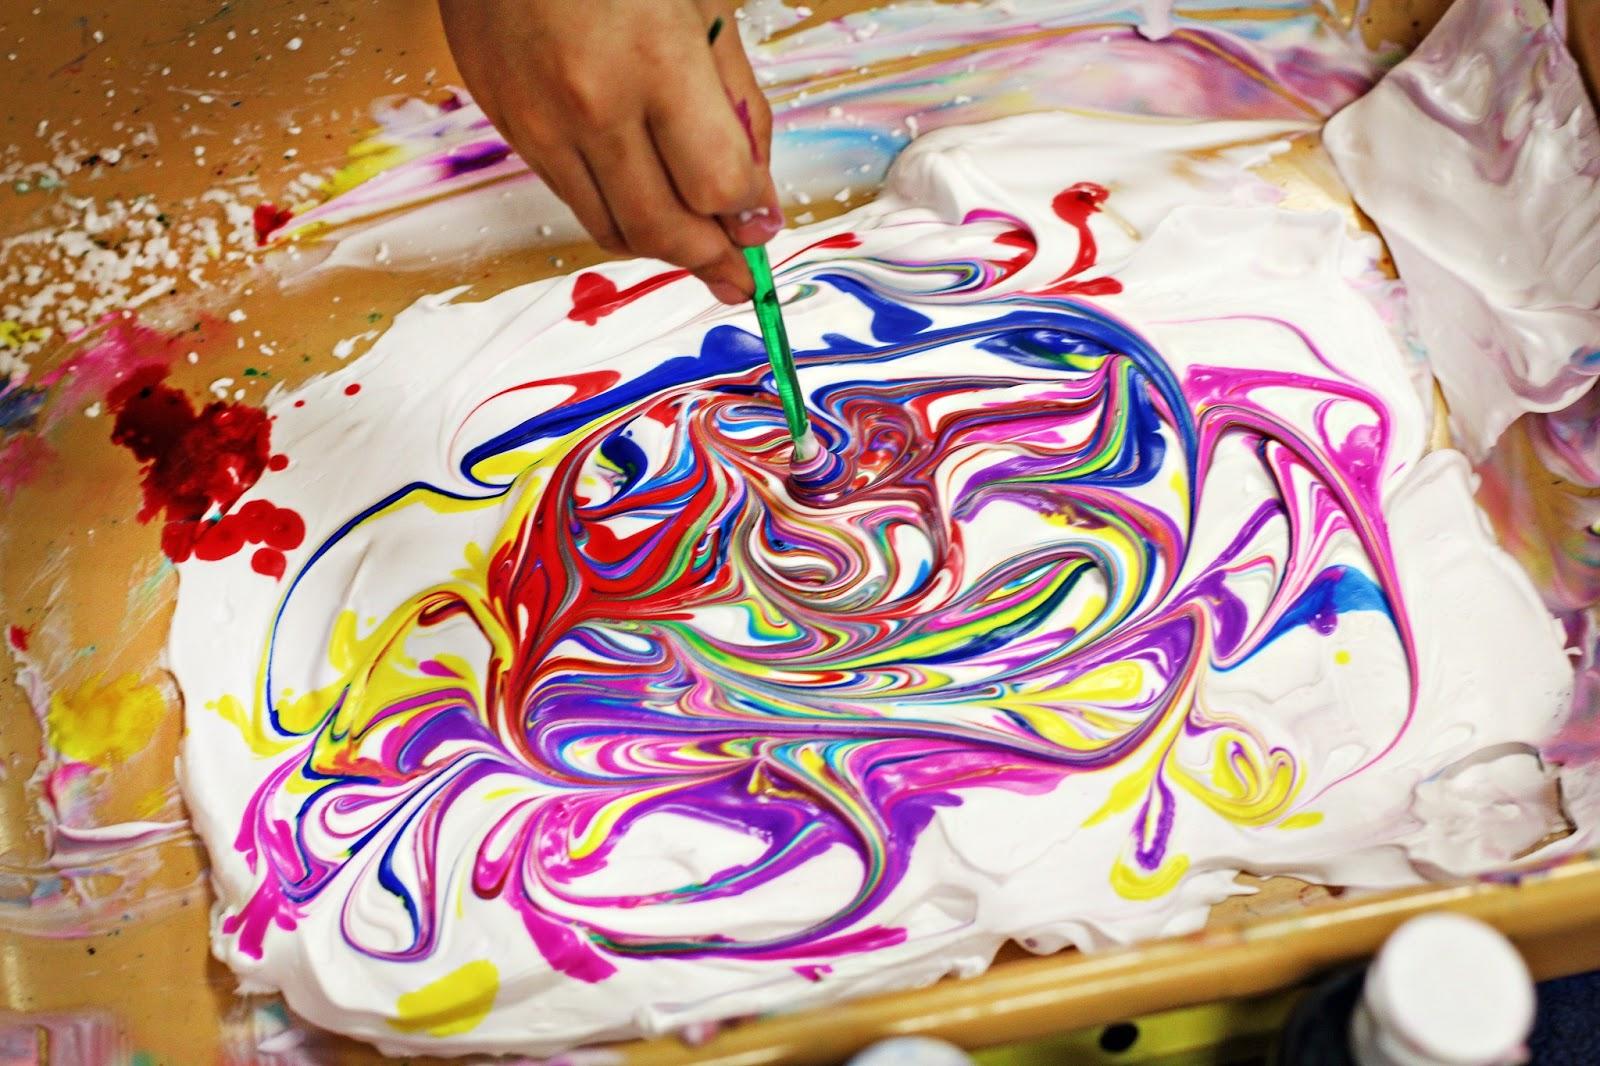 Scheerschuim kunstprojecten voor kinderen